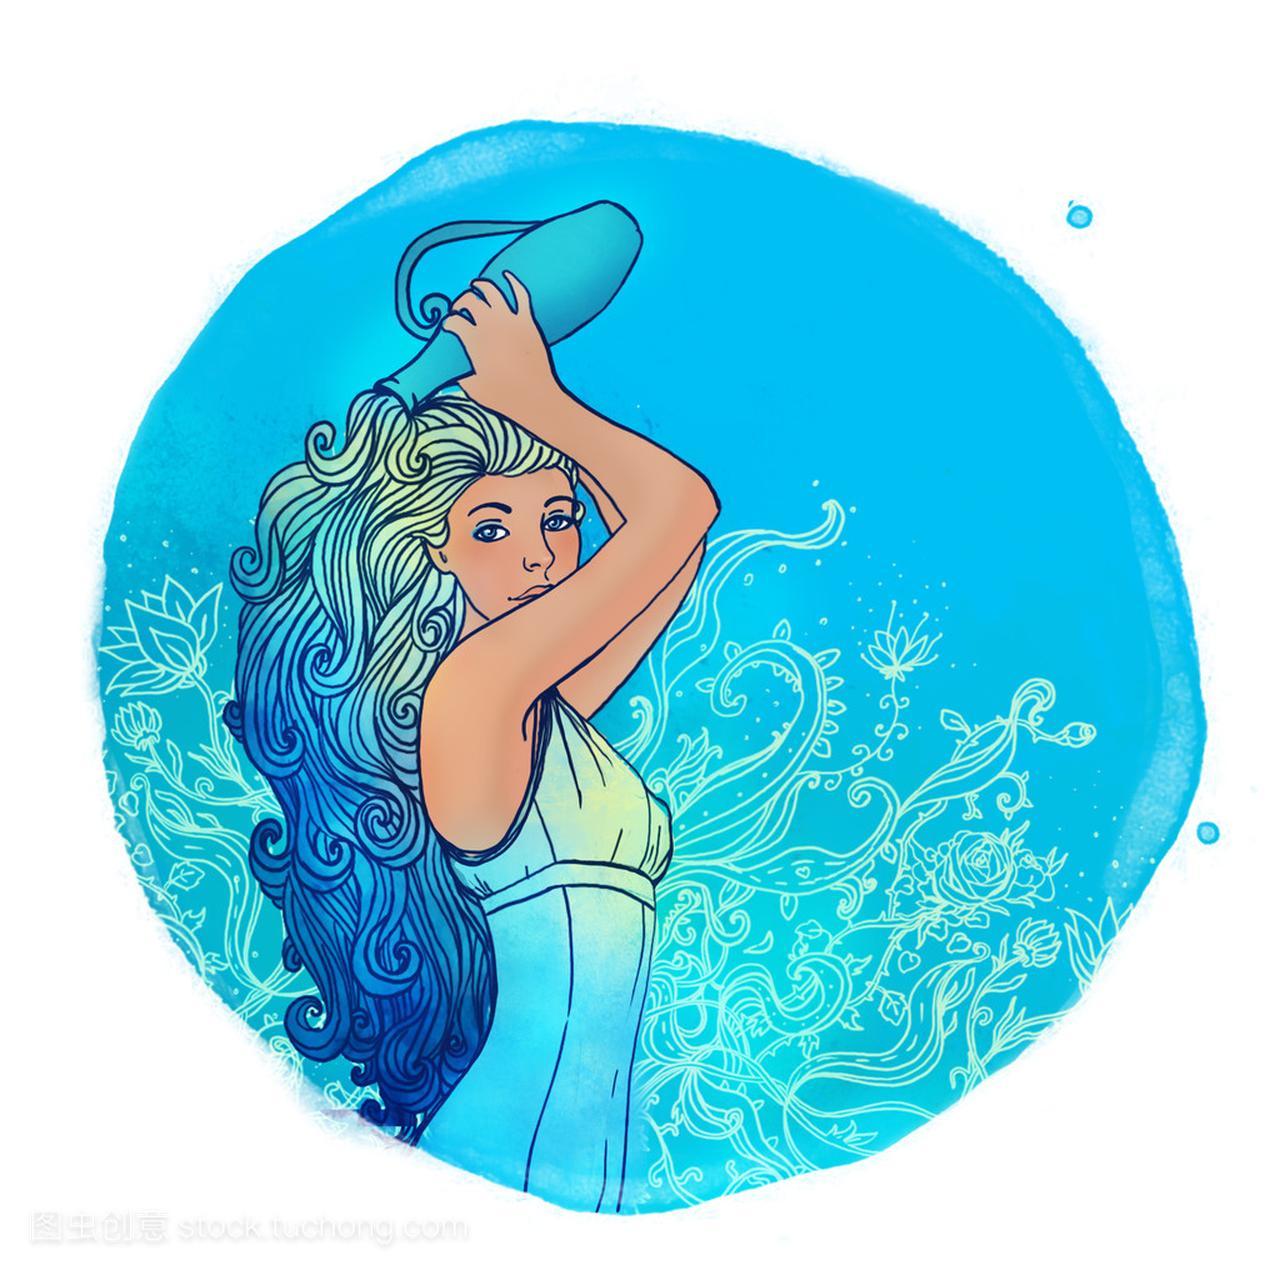 水瓶座女孩作为一个美丽的星座追摩羯座前男友图片